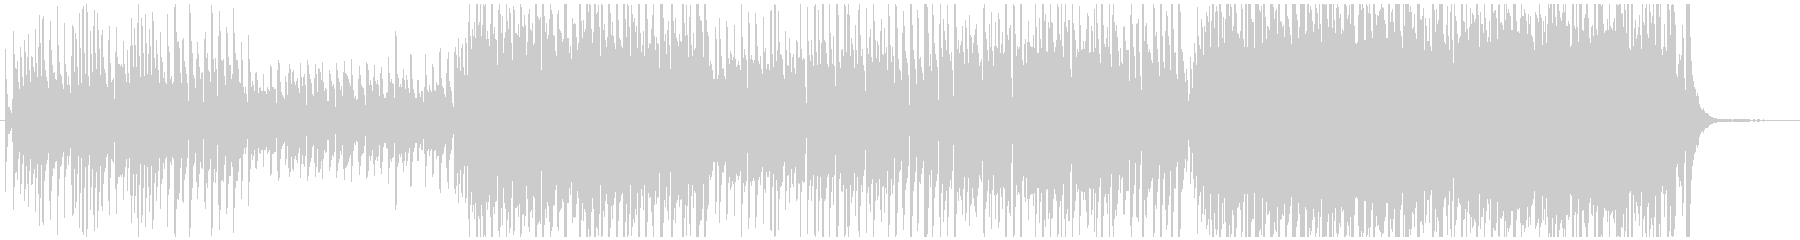 感動的なピアノメロオーケストラの未再生の波形